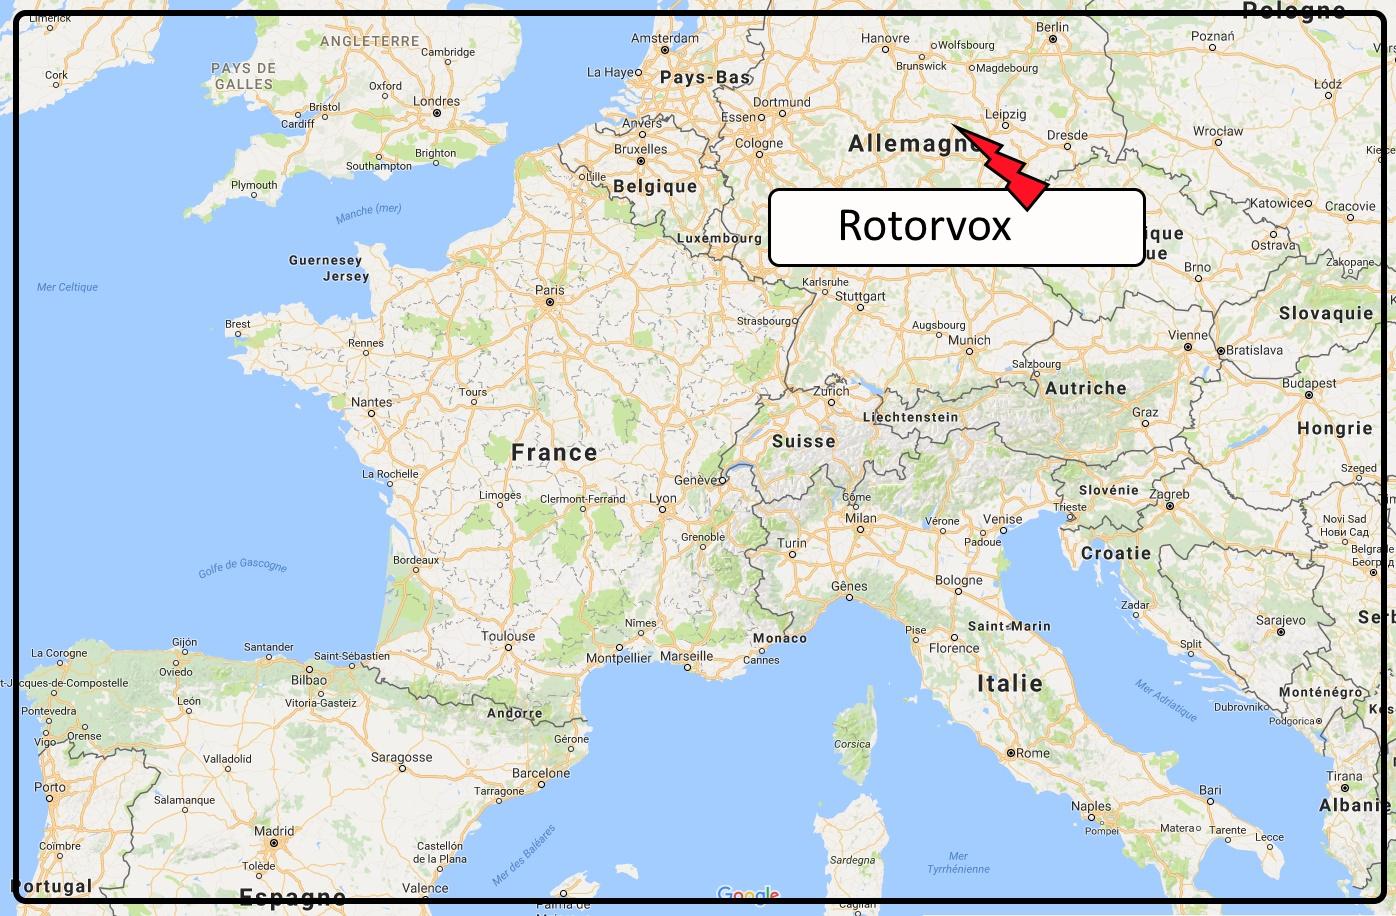 Rotorvox